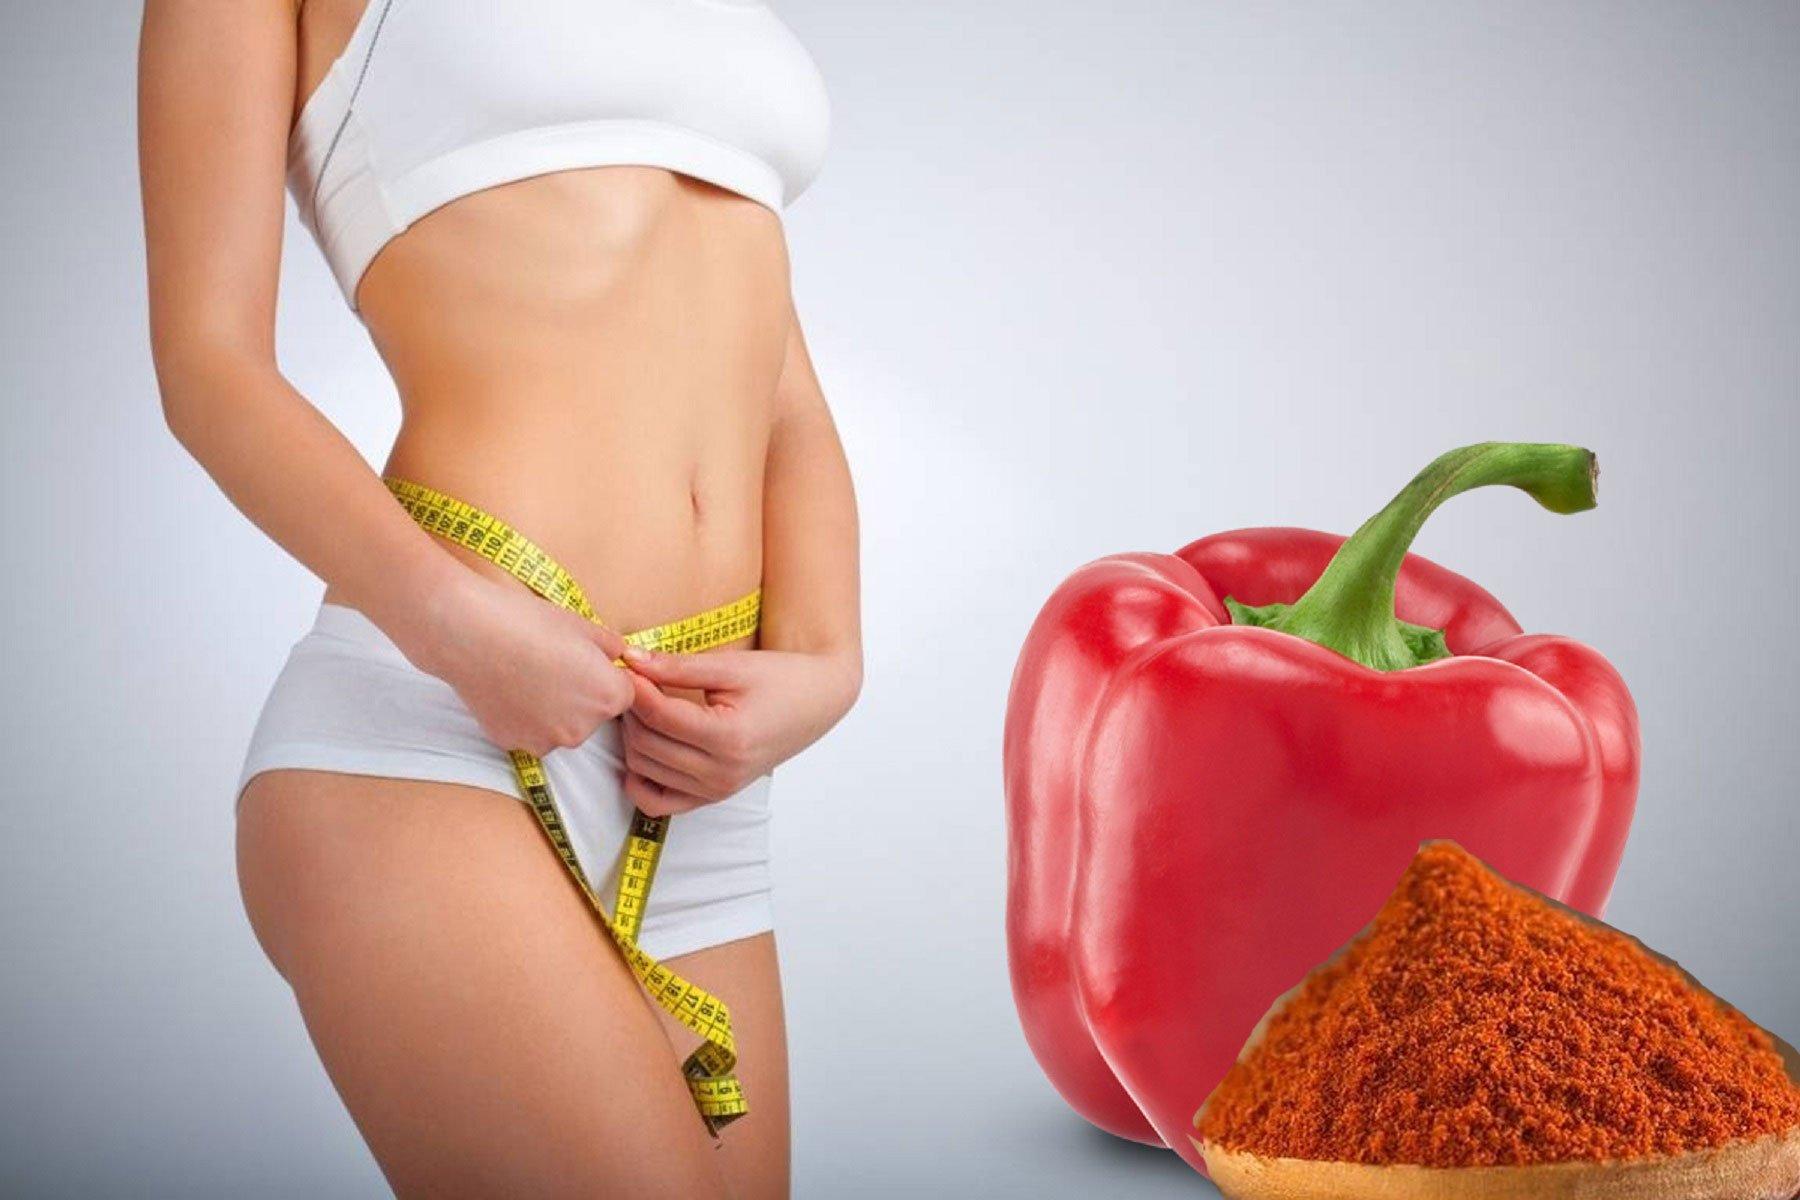 Похудеть Девушкам Средство. 10 препаратов для похудения. Таблетки для похудения – группа препаратов